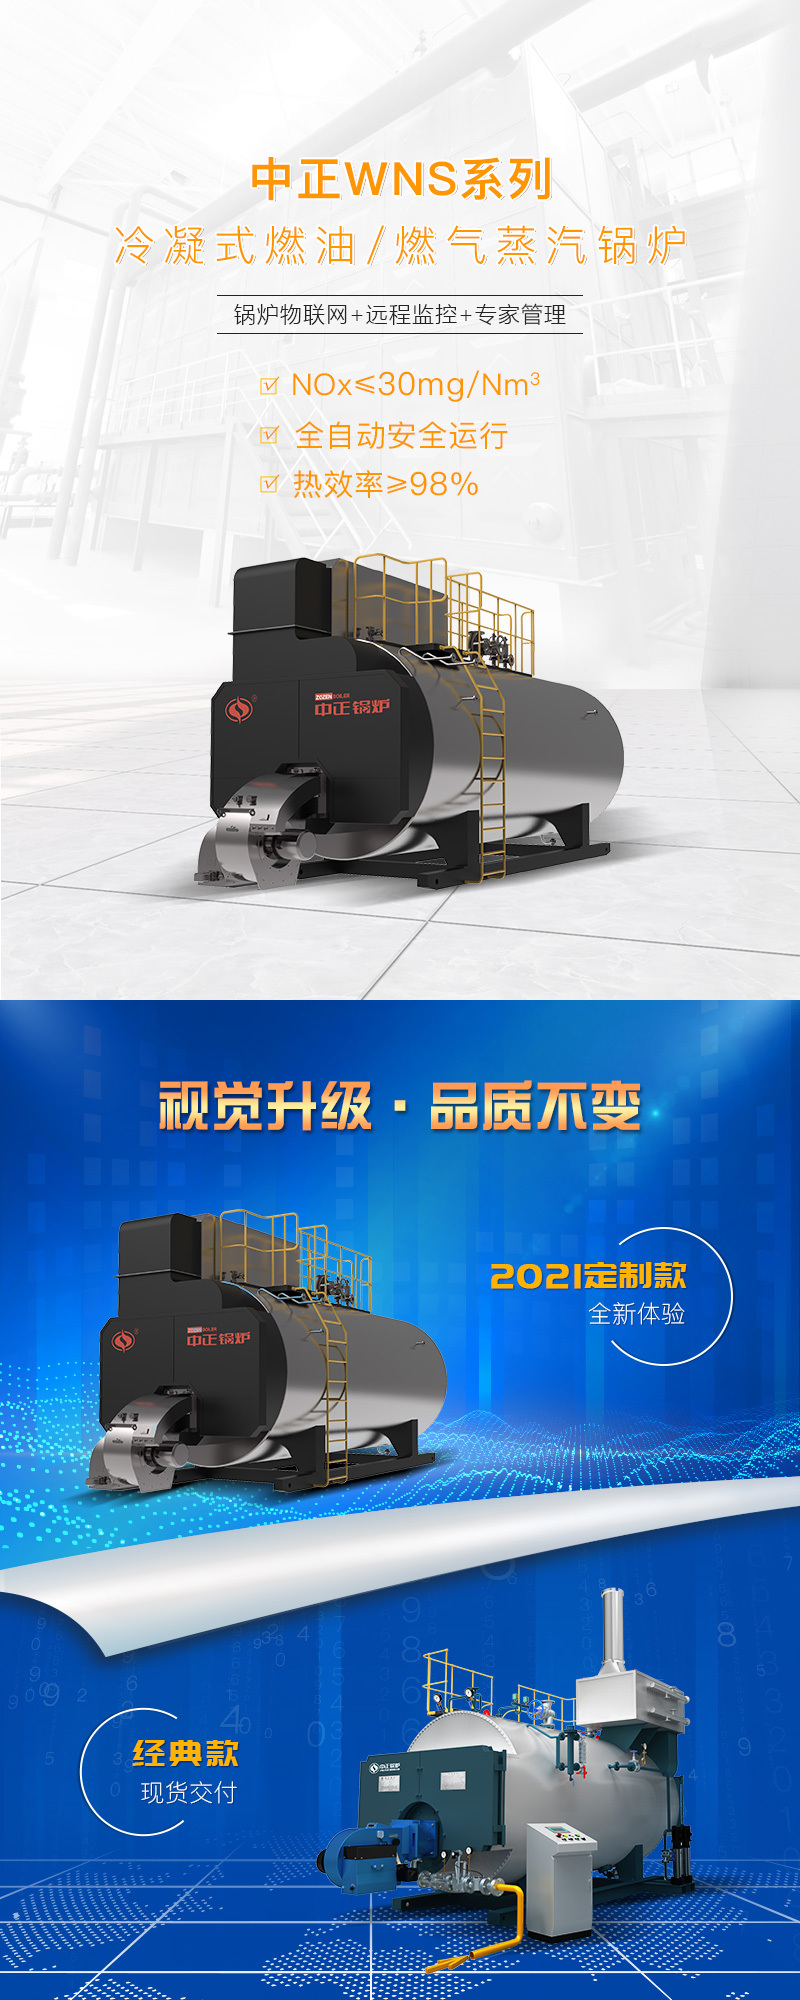 中正锅炉产品详情锅炉首图